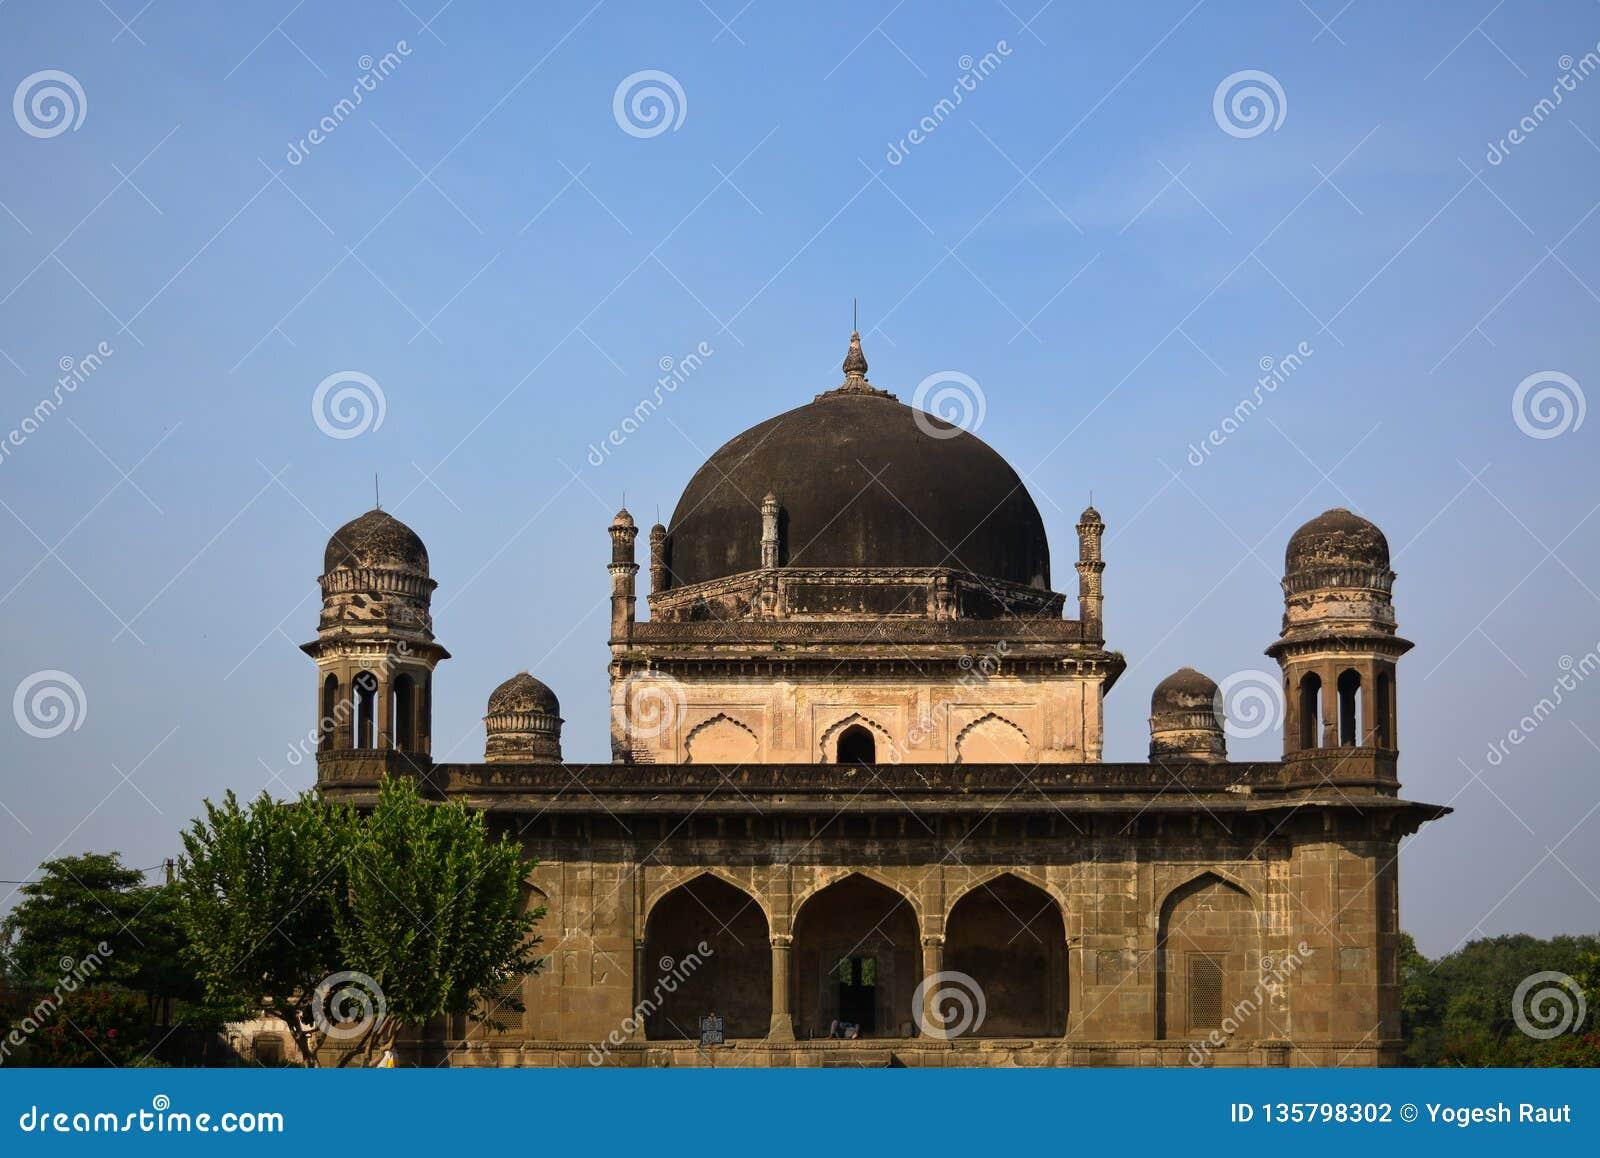 Black Taj Mahal in Burhanpur, Madhya Pradesh, India